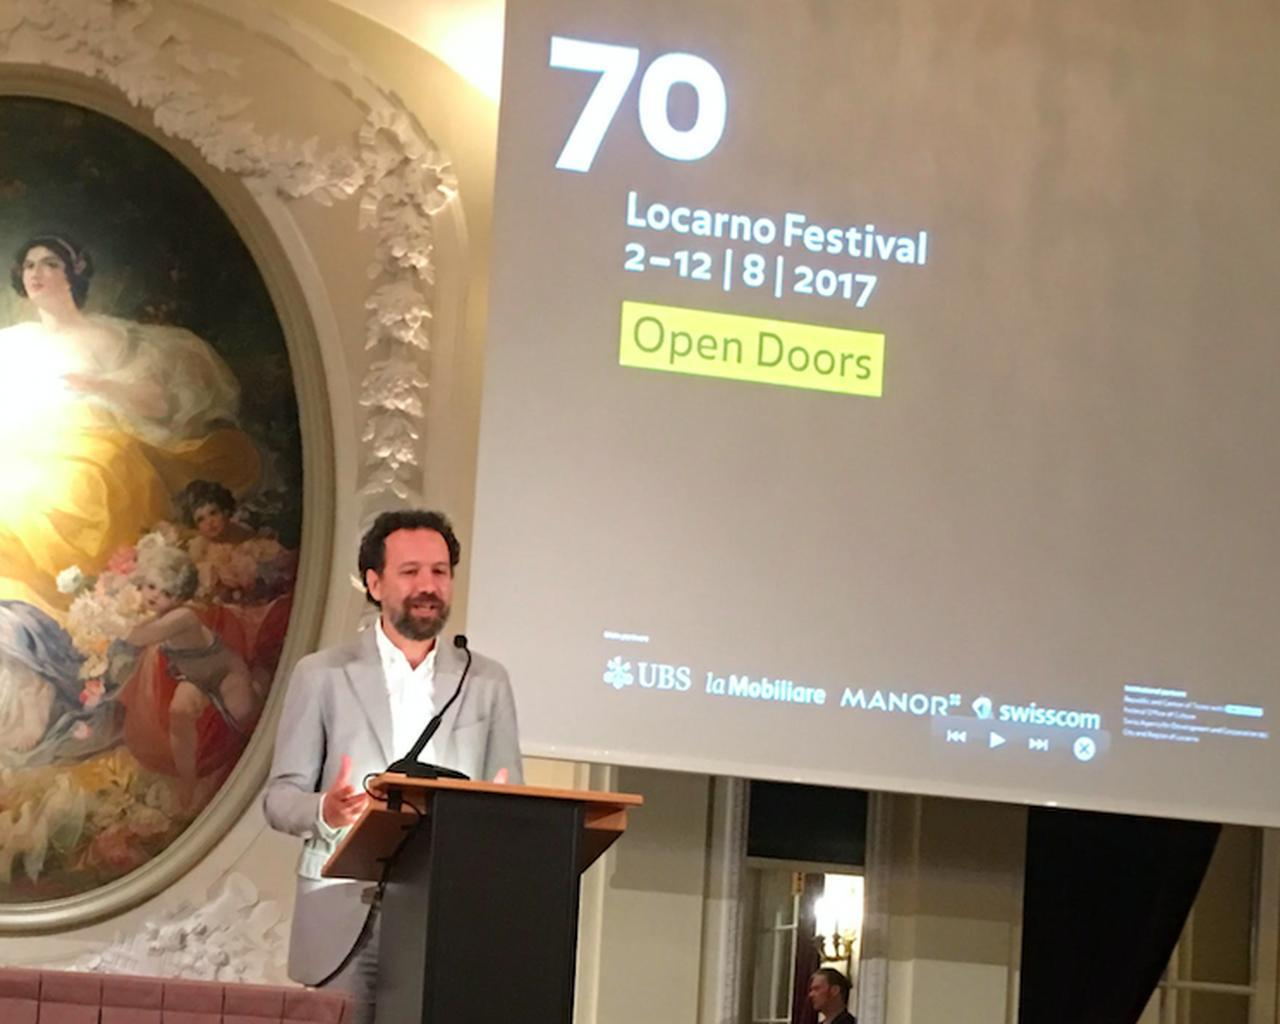 画像: ロカルノ国際映画祭2017の記者会見 ノミネートされた作品を発表する芸術監督のカルロ・シャトリアン氏 (写真・里信邦子)